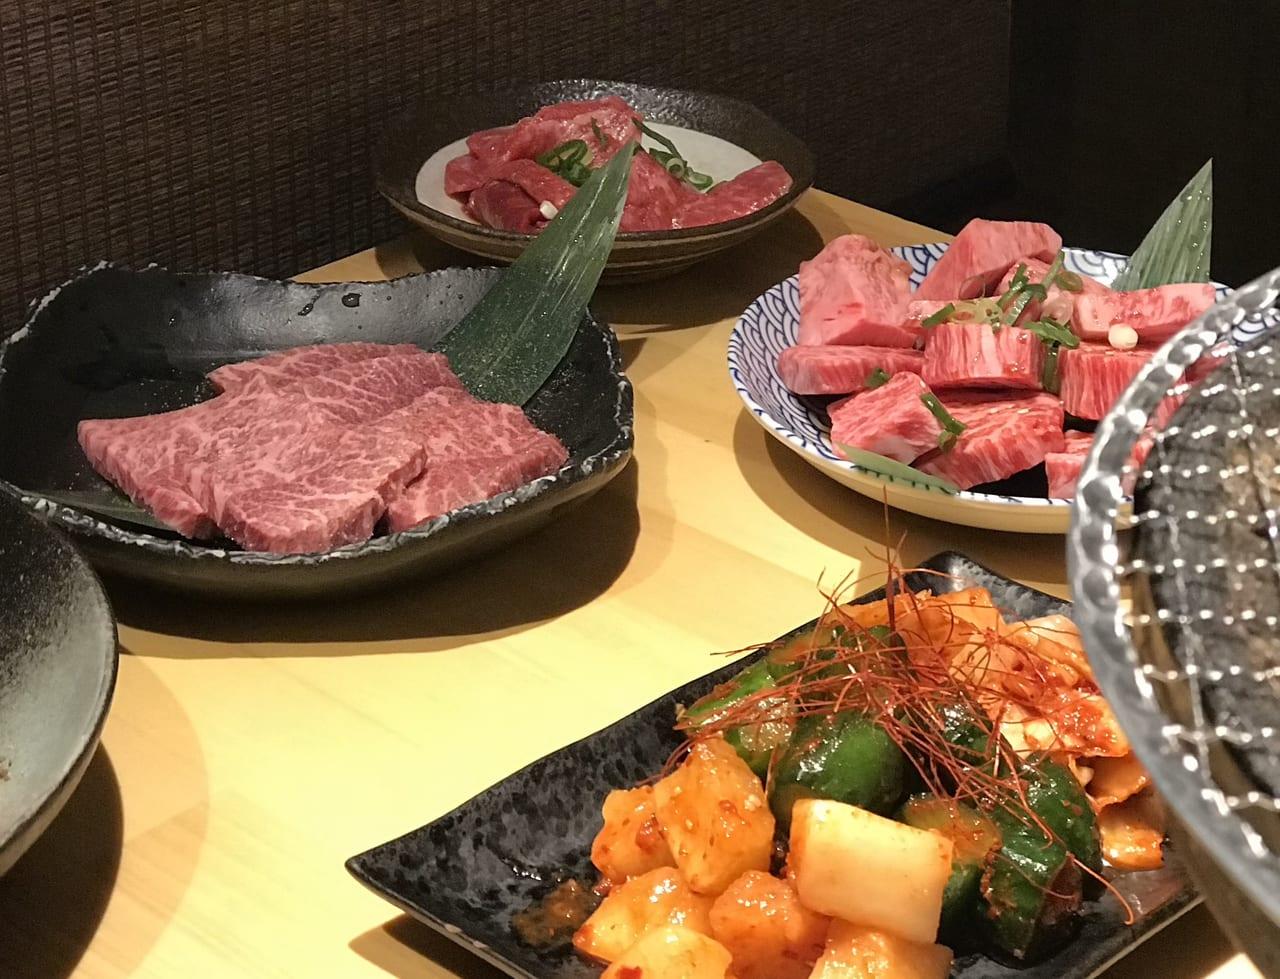 鳥取炭蔵のお肉